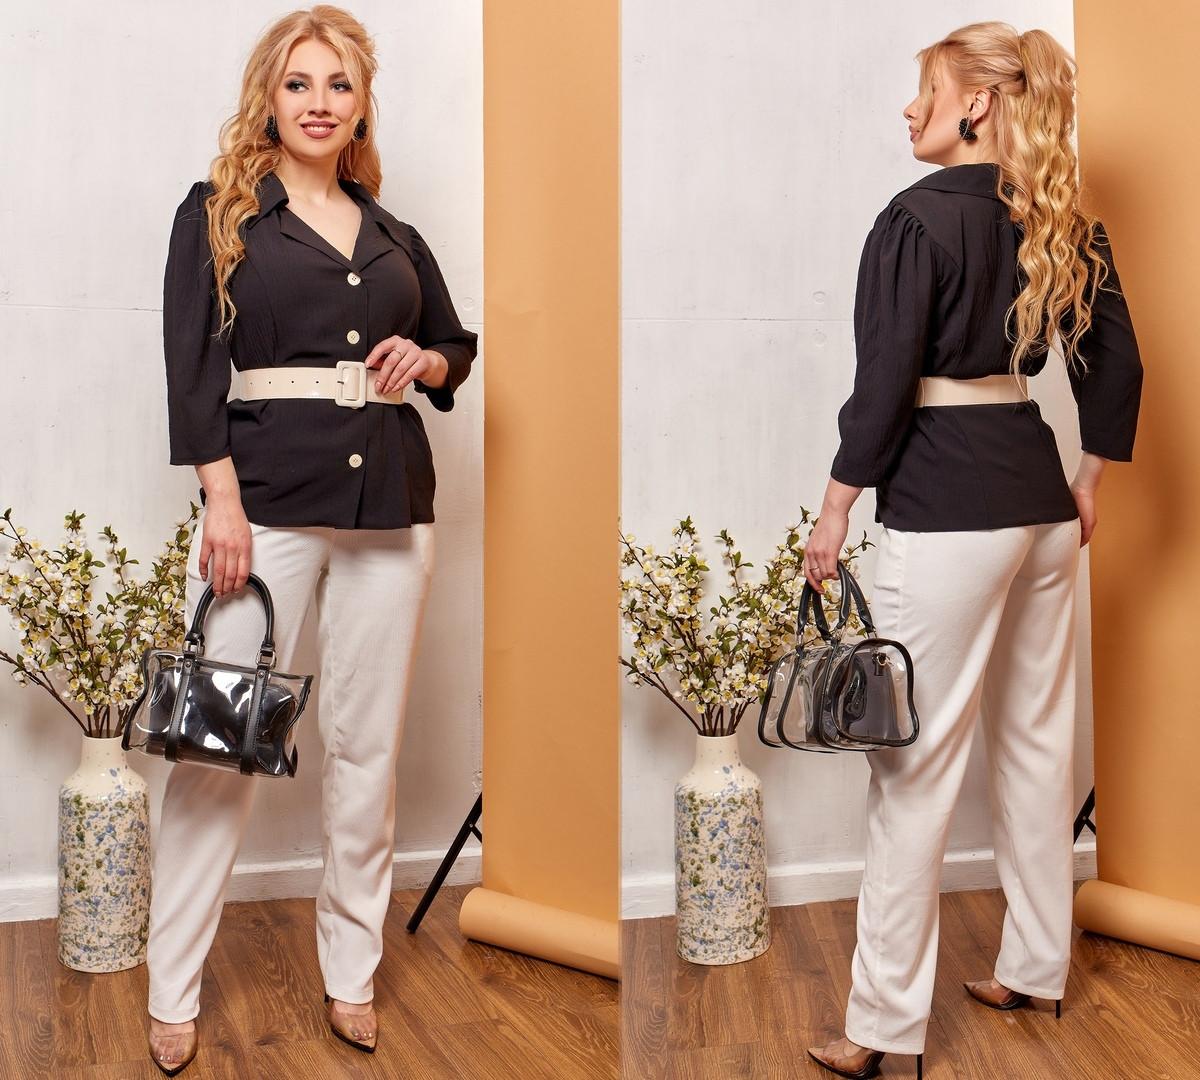 Модные женские брюки приуженные из вельвета с карманами, 4 цвета р.42-44,46-48,50-52,54-56,58-60  код 686Н